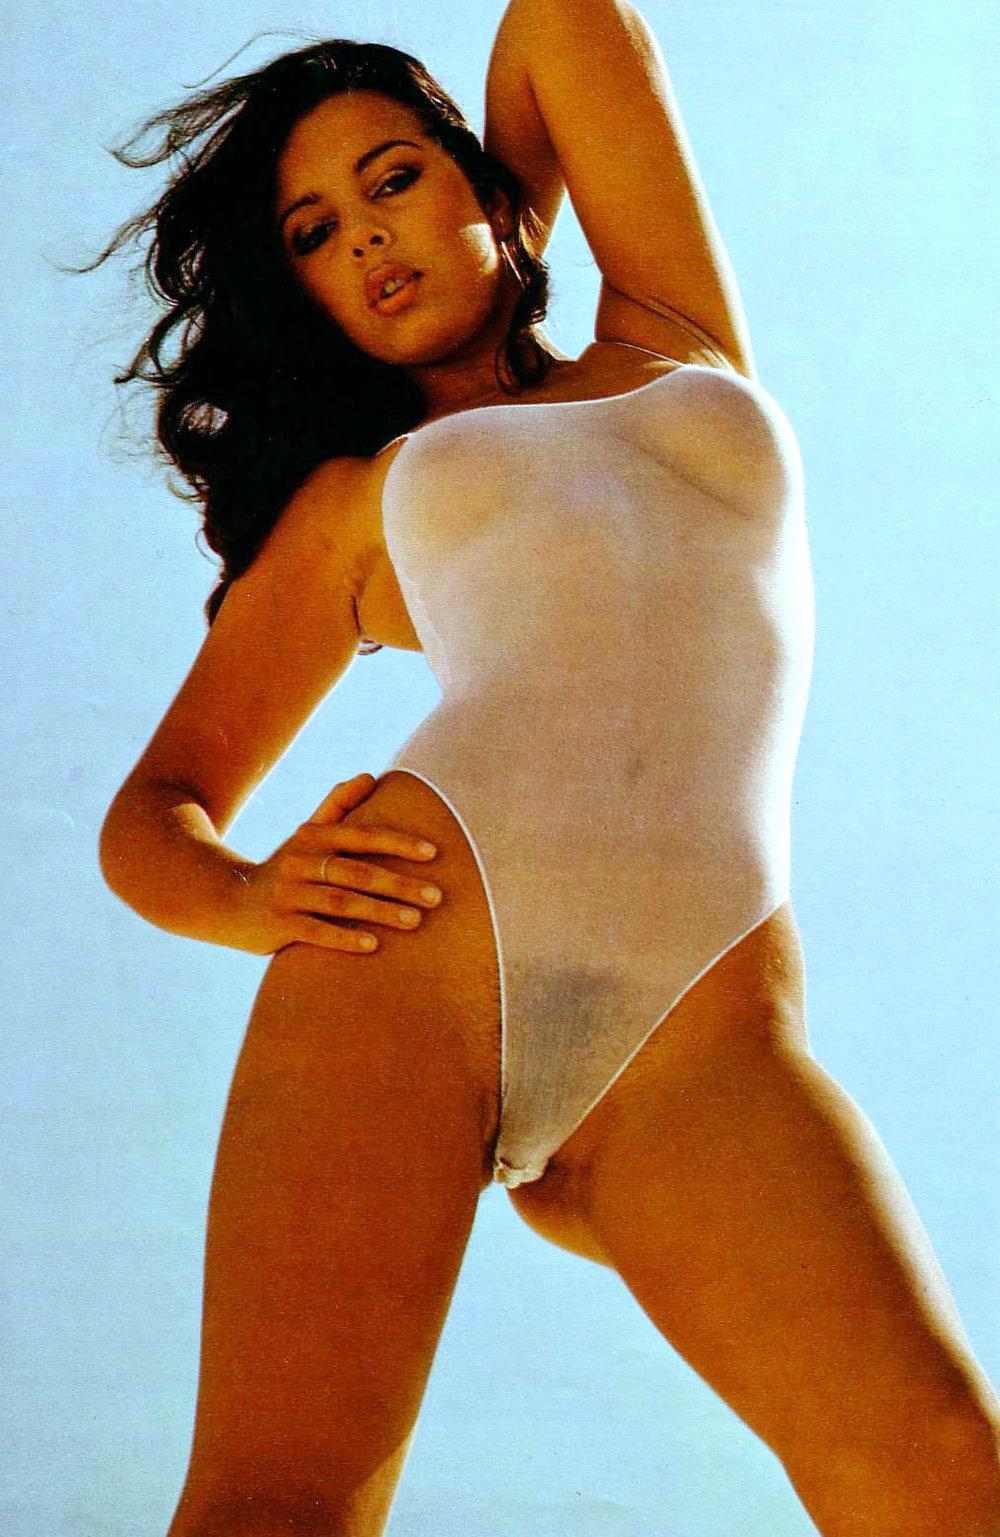 debbie-boyland-das-da-magazine-1981